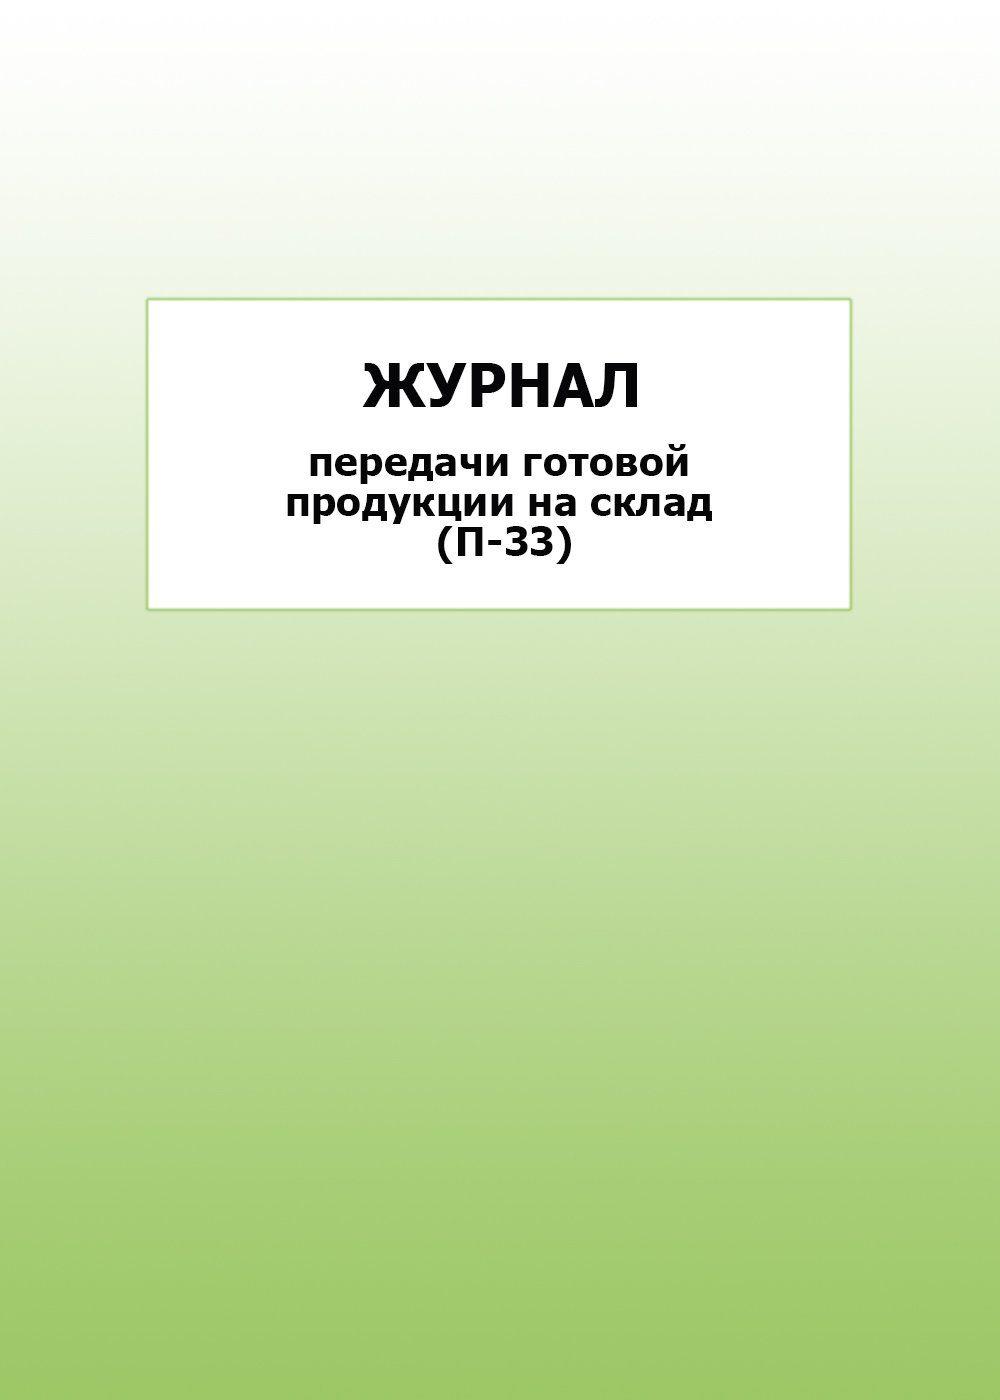 Журнал передачи готовой продукции на склад (П-33): упаковка 100 шт.